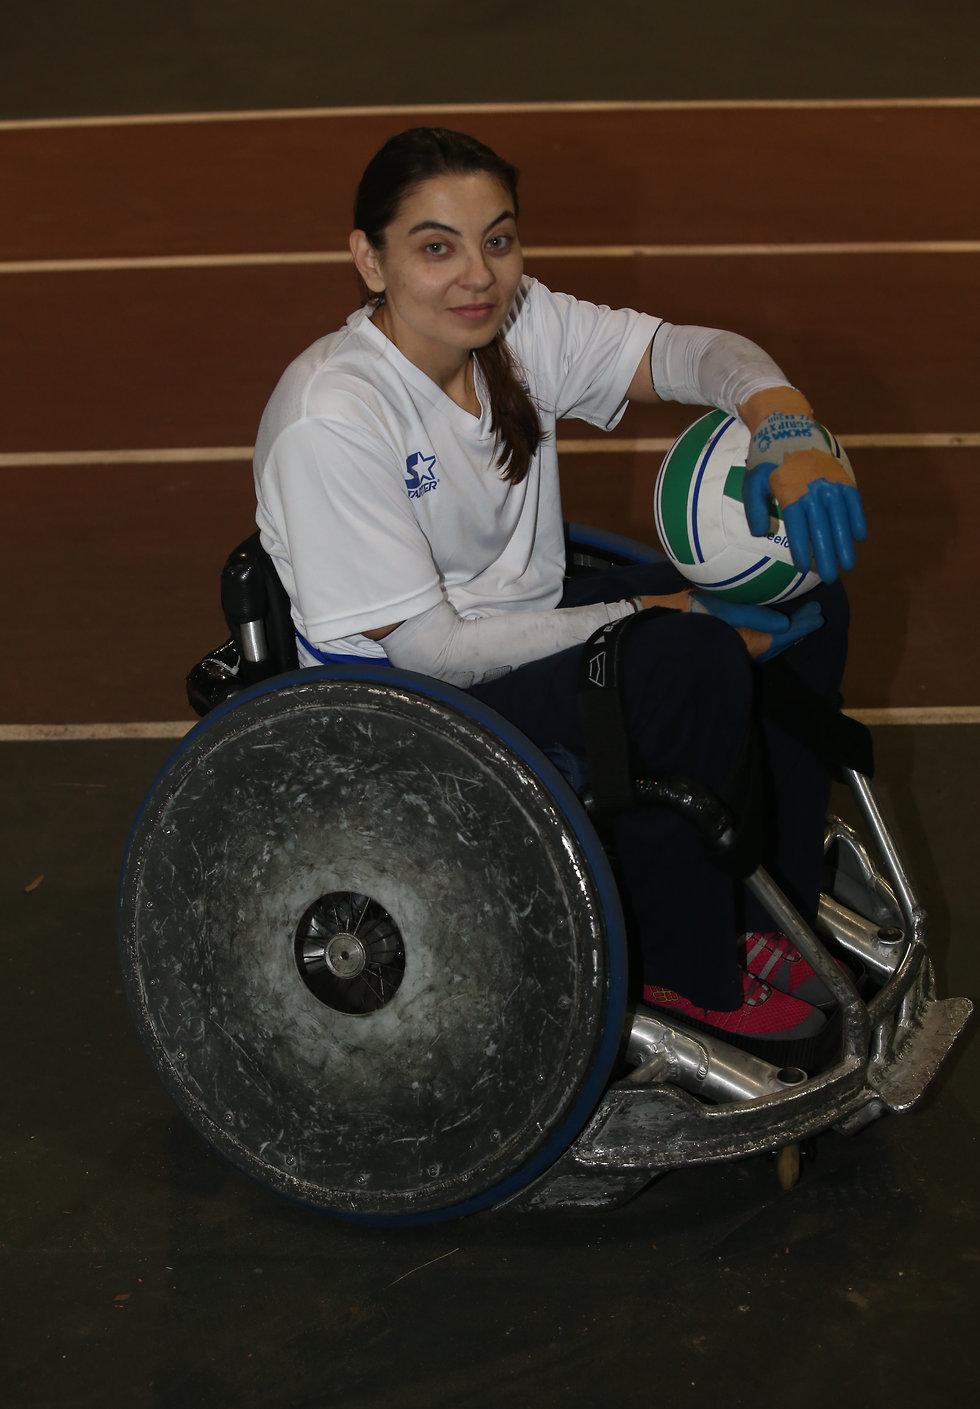 דיאנה שנייר (צילום: אורן אהרוני)